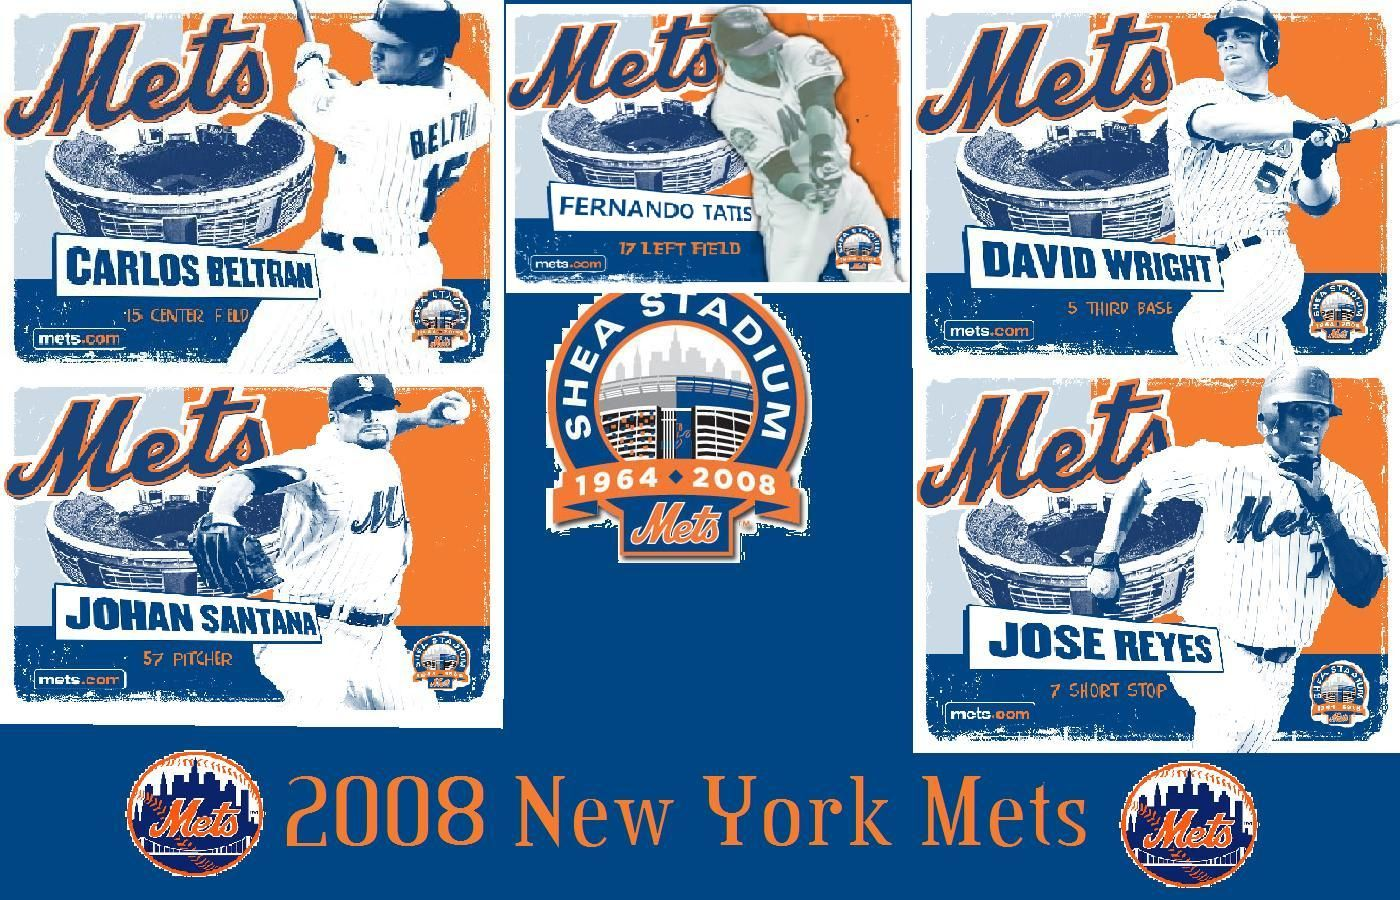 New York Mets Wallpapers New York Mets Background desktop